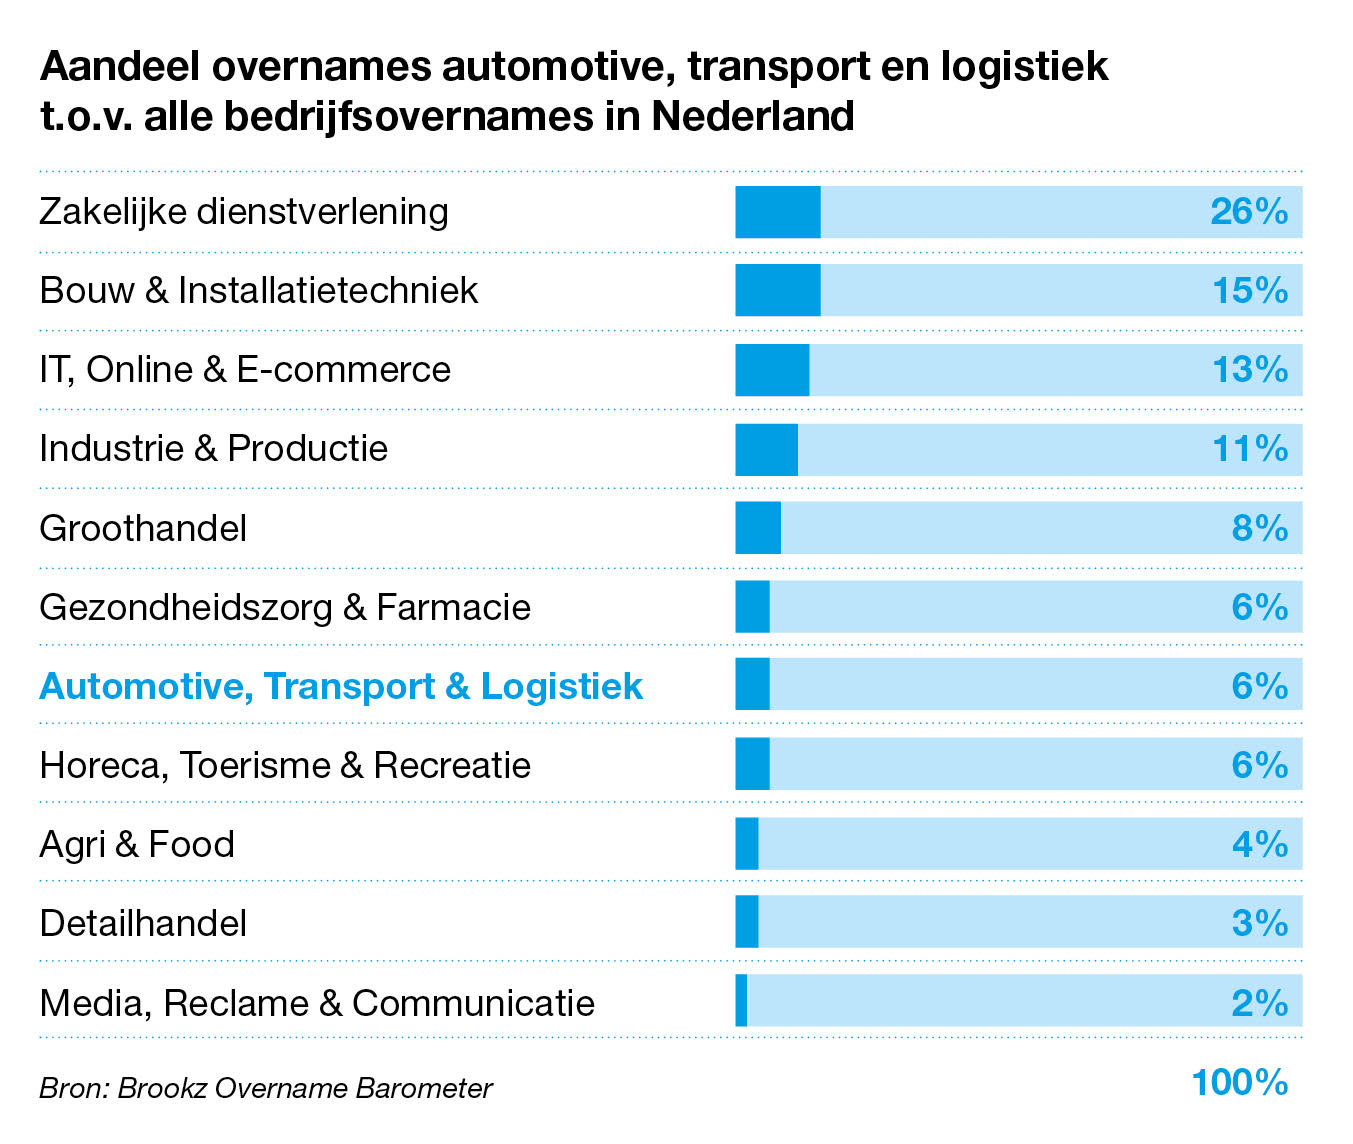 Aandeel overnames automotive/transport/logistiek